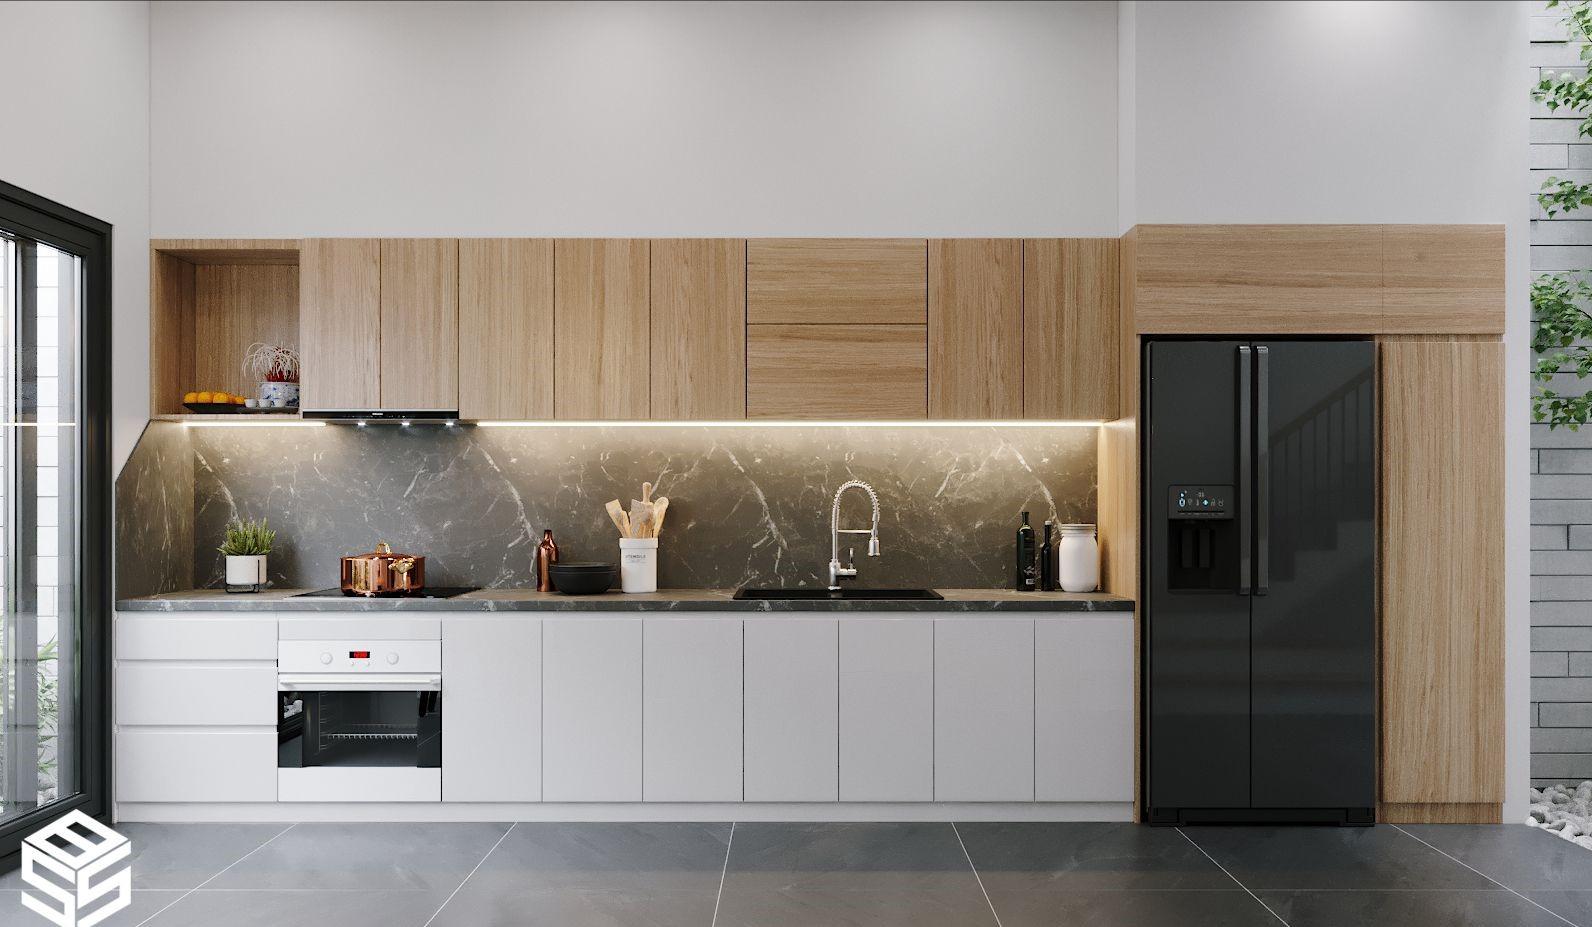 10 Mẫu Nhà Bếp Đơn Giản Nhà Cấp 4 TIỆN LỢI - KHOA HỌC